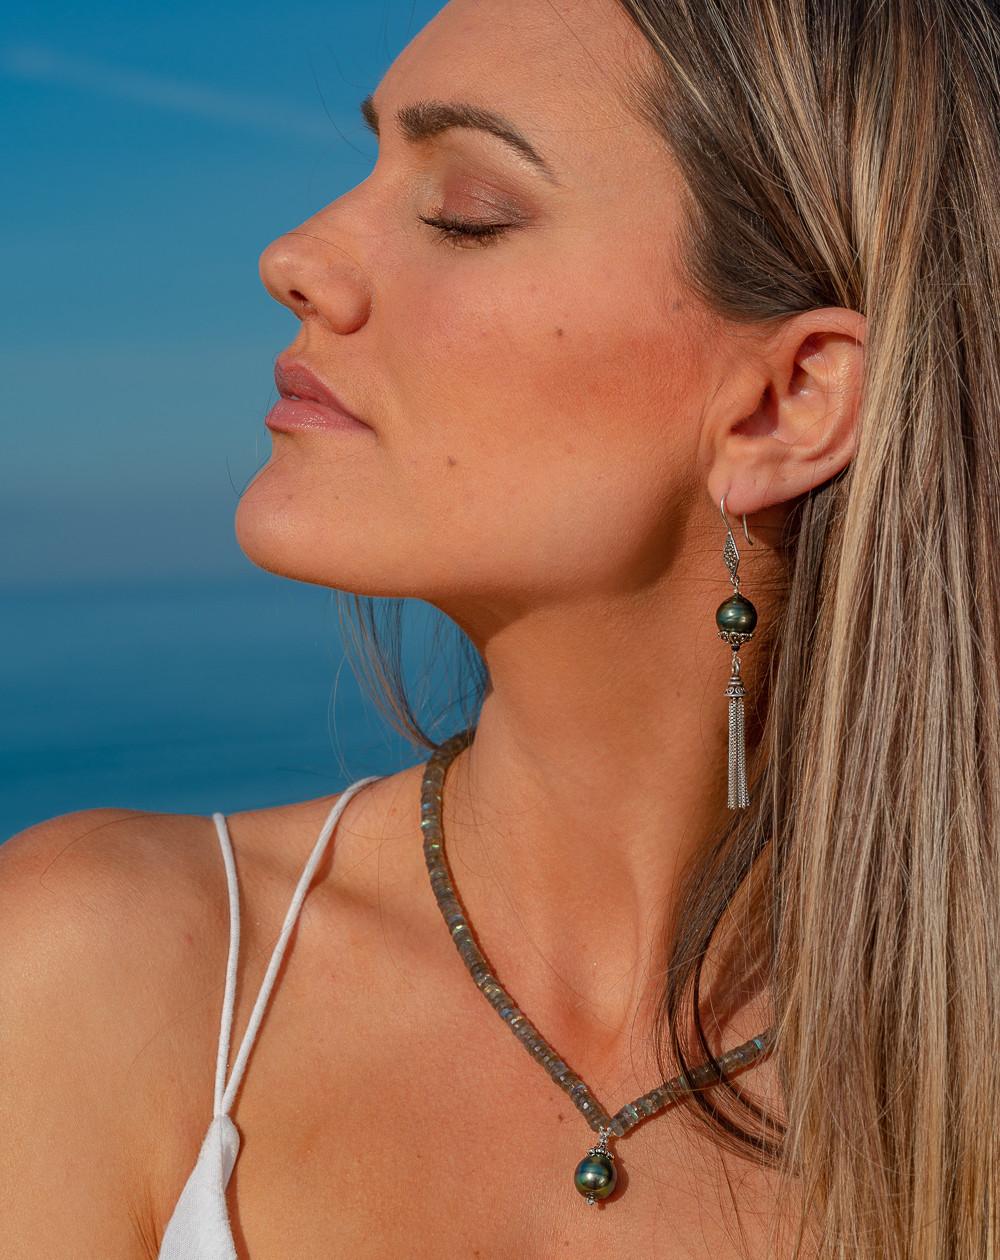 Boucles d'oreilles Perle de Tahiti et pompon, Sanuk Création. Créateurs Français